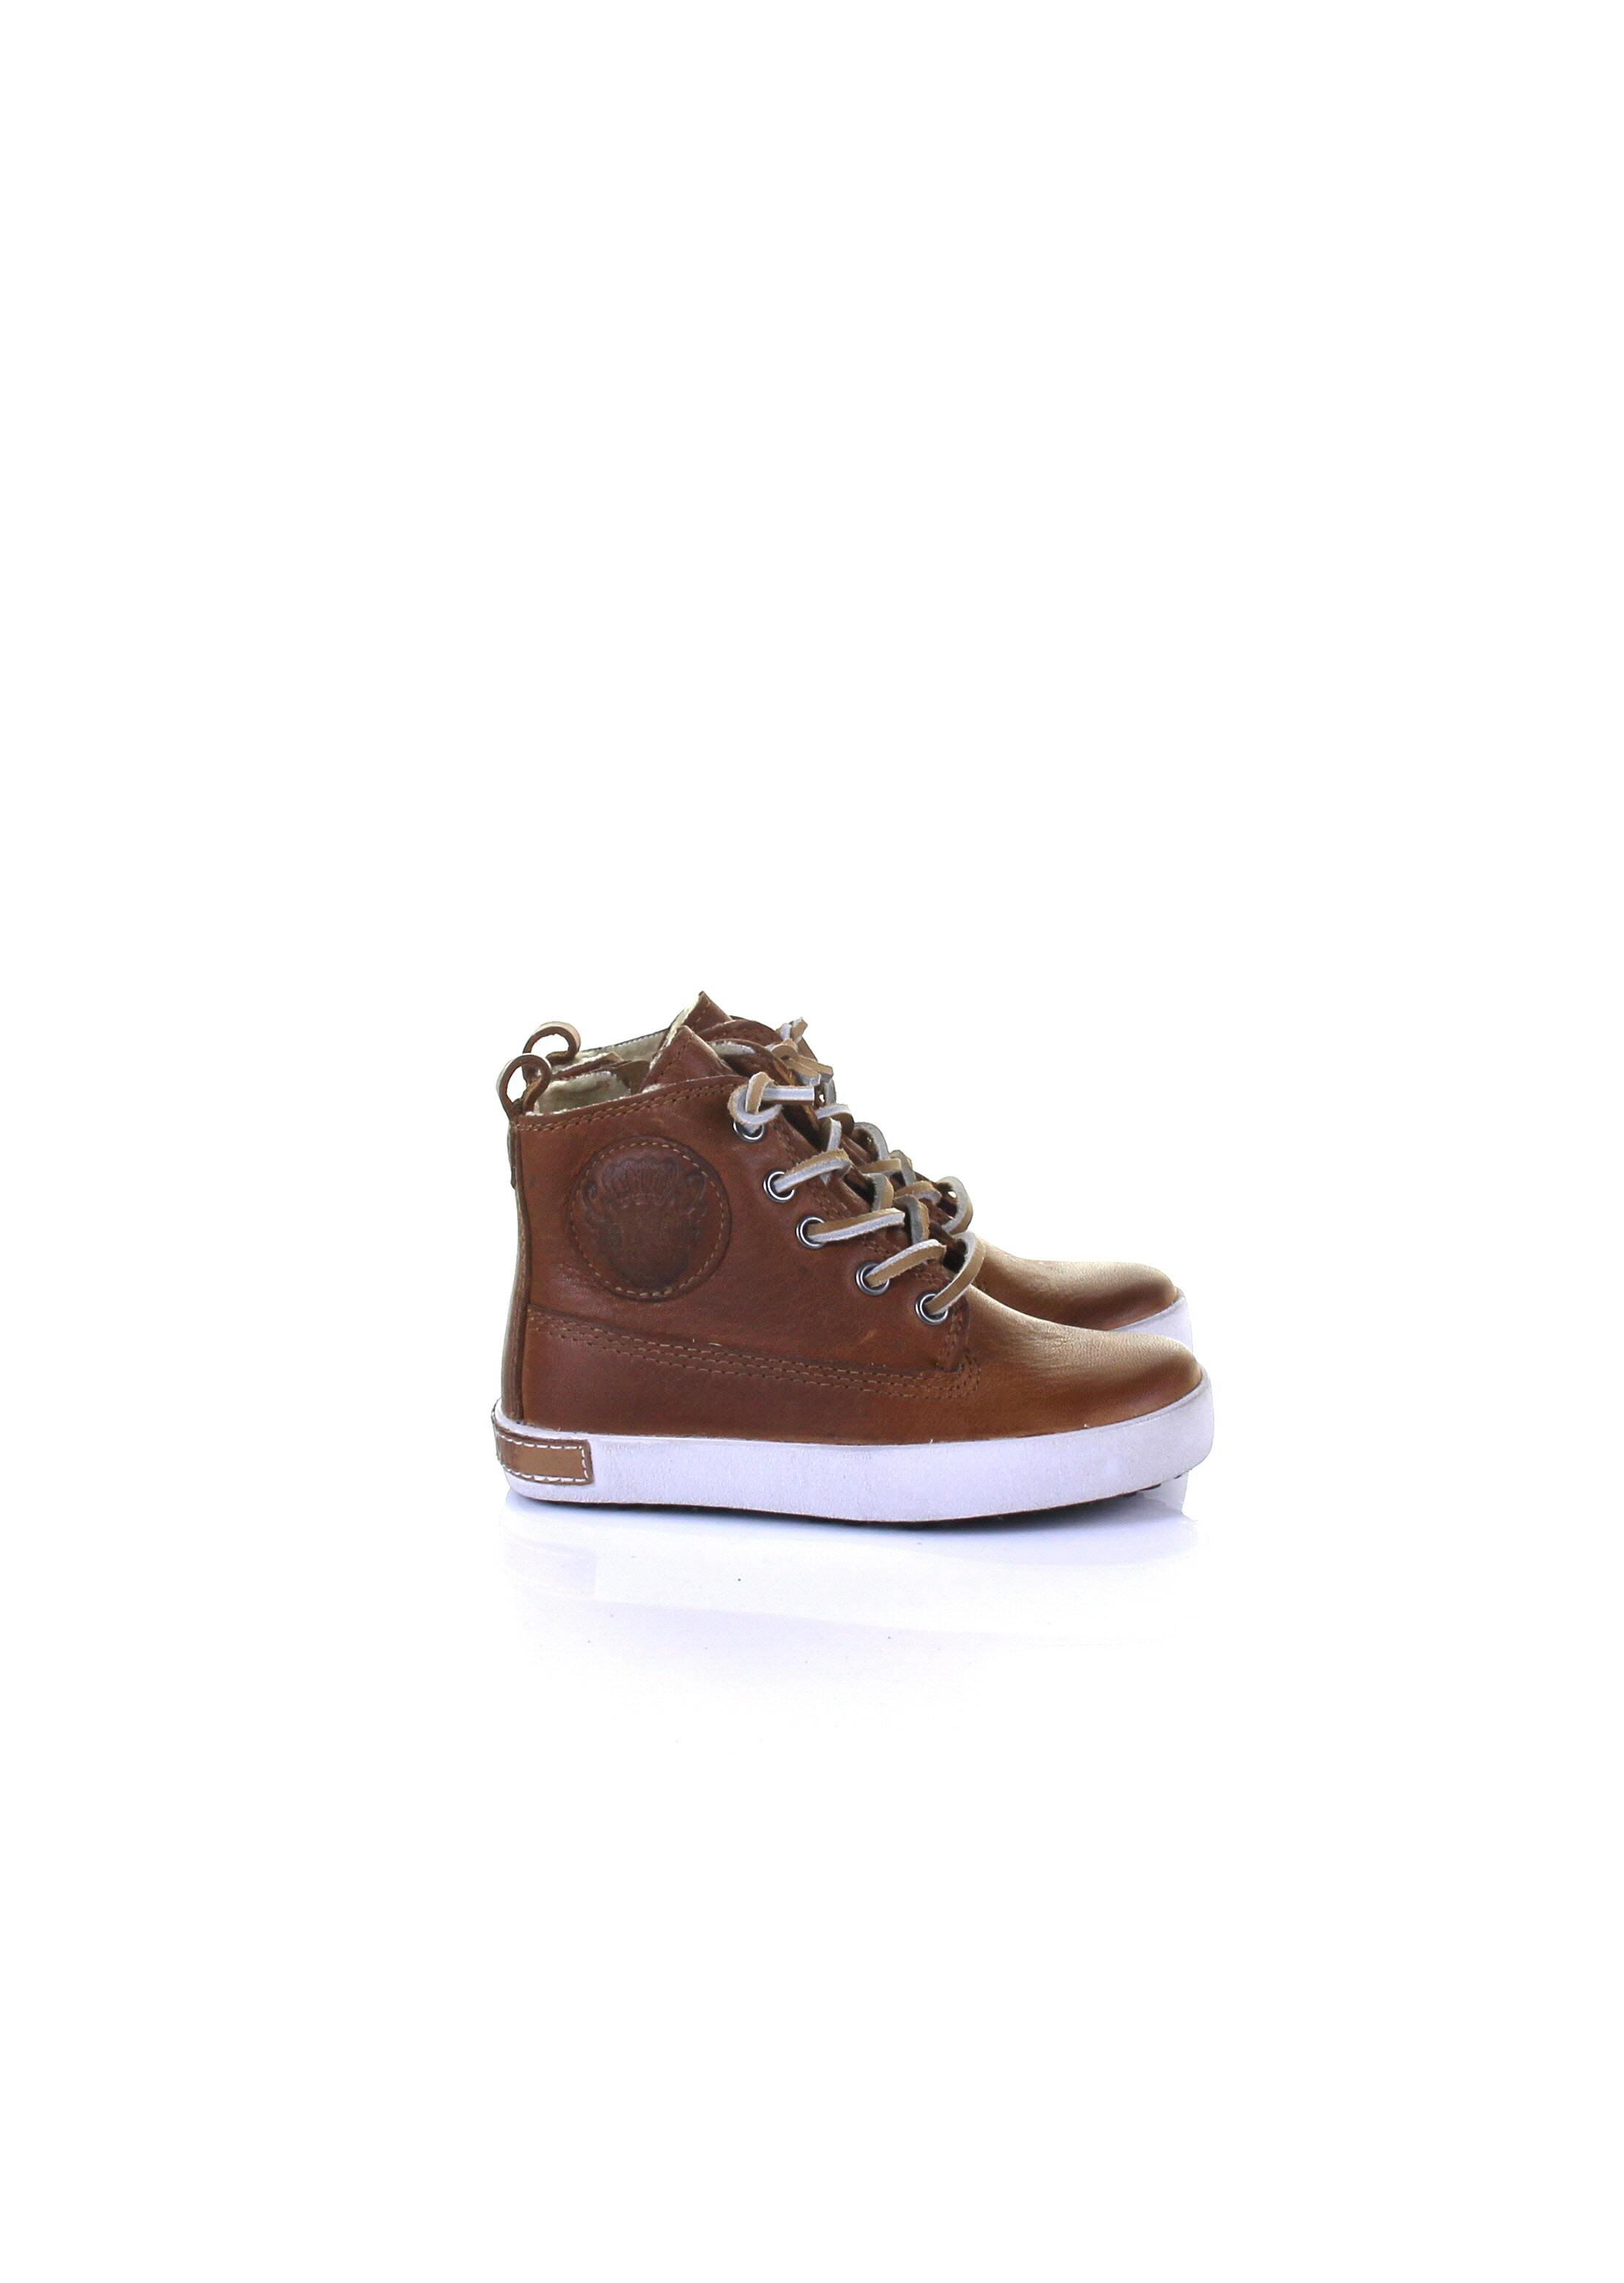 Afbeelding van Blackstone Boots cognac